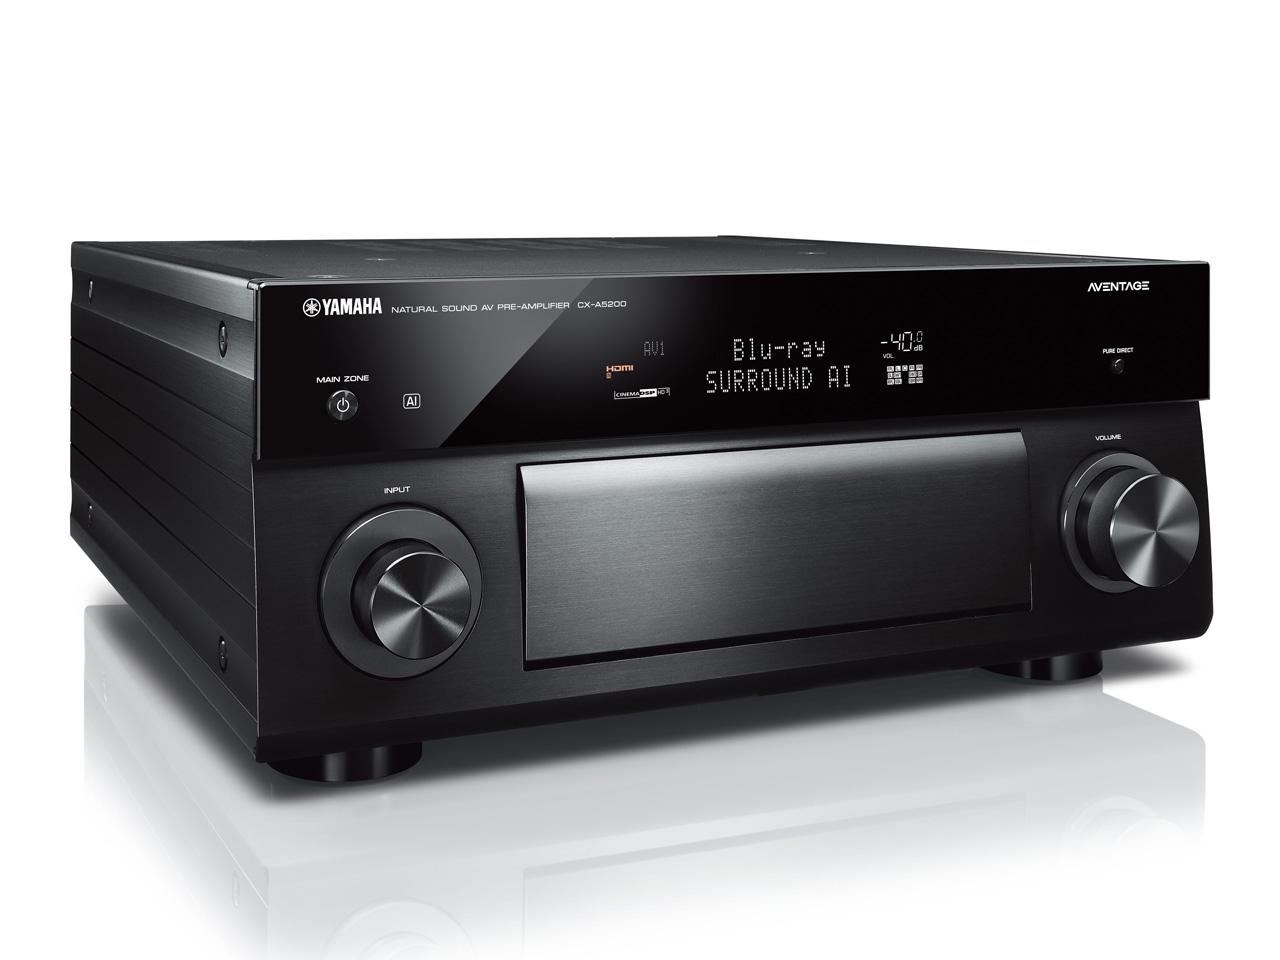 『本体 斜め2』 AVENTAGE CX-A5200(B) [ブラック] の製品画像